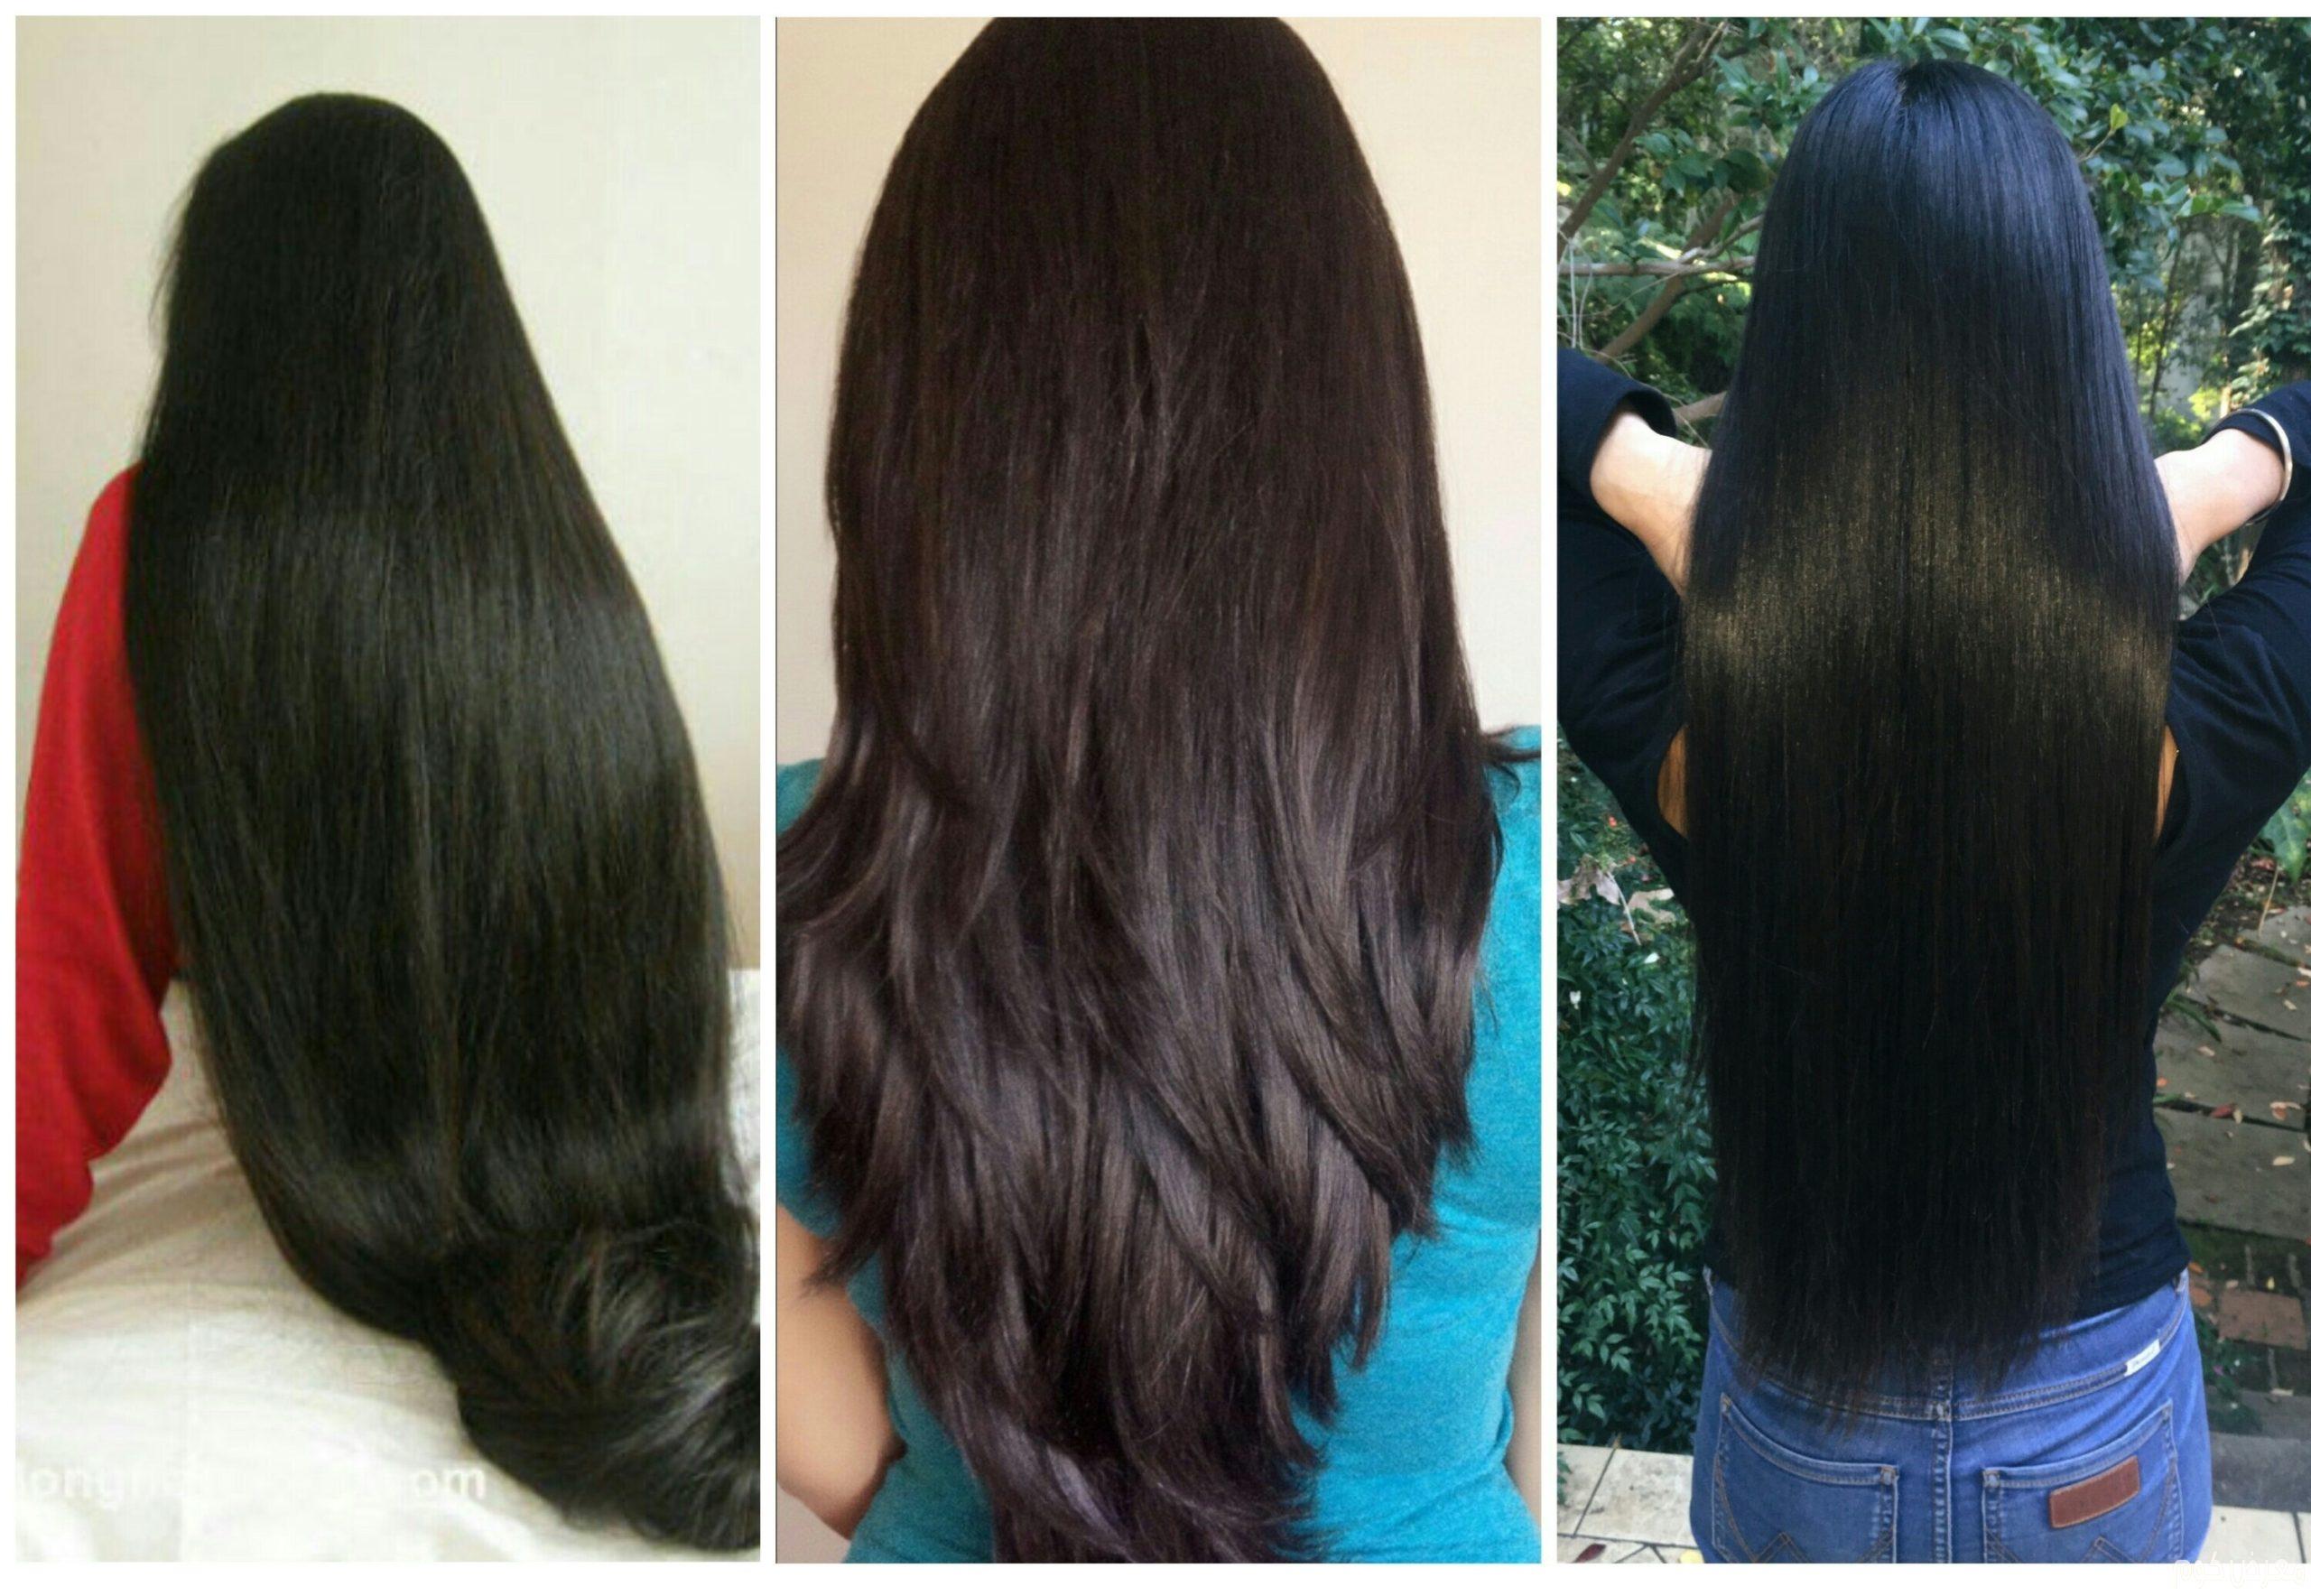 طريقة استخدام زيت الحشيش لتطويل الشعر